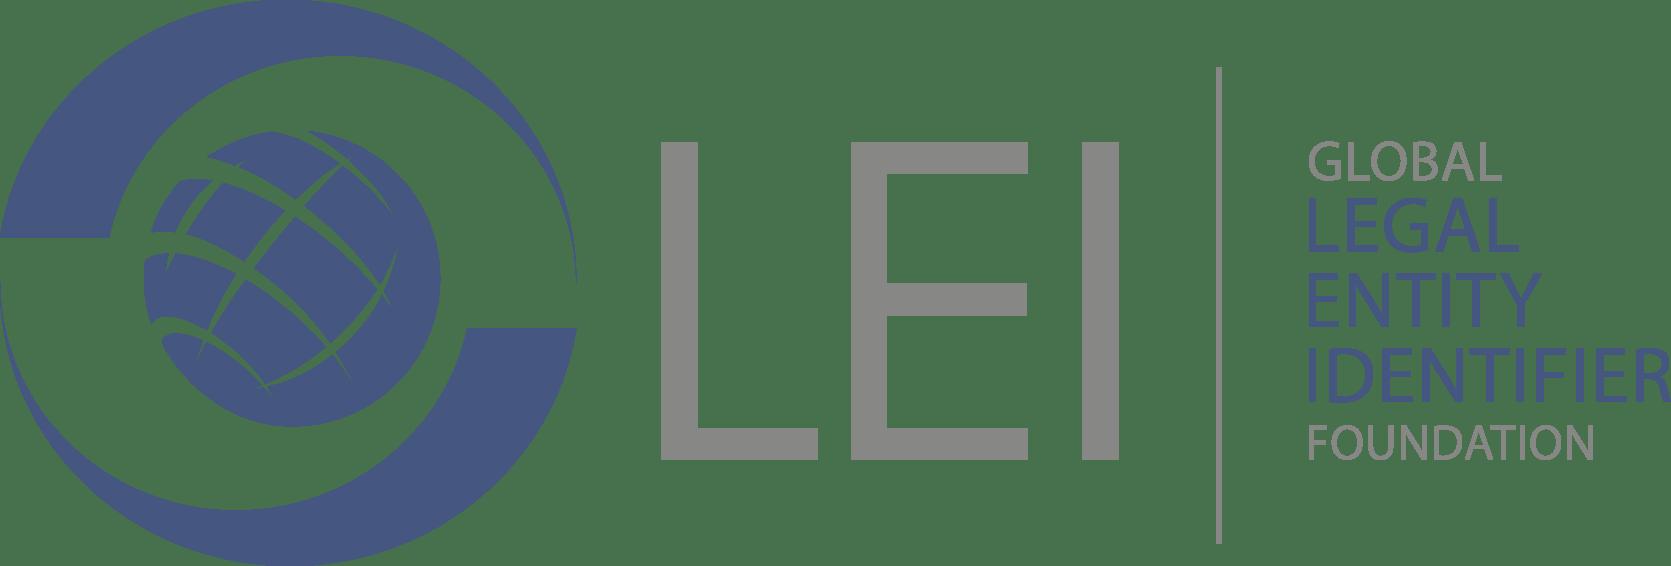 LEI (Legal Entity Identifier), международный идентификатор юр. лица